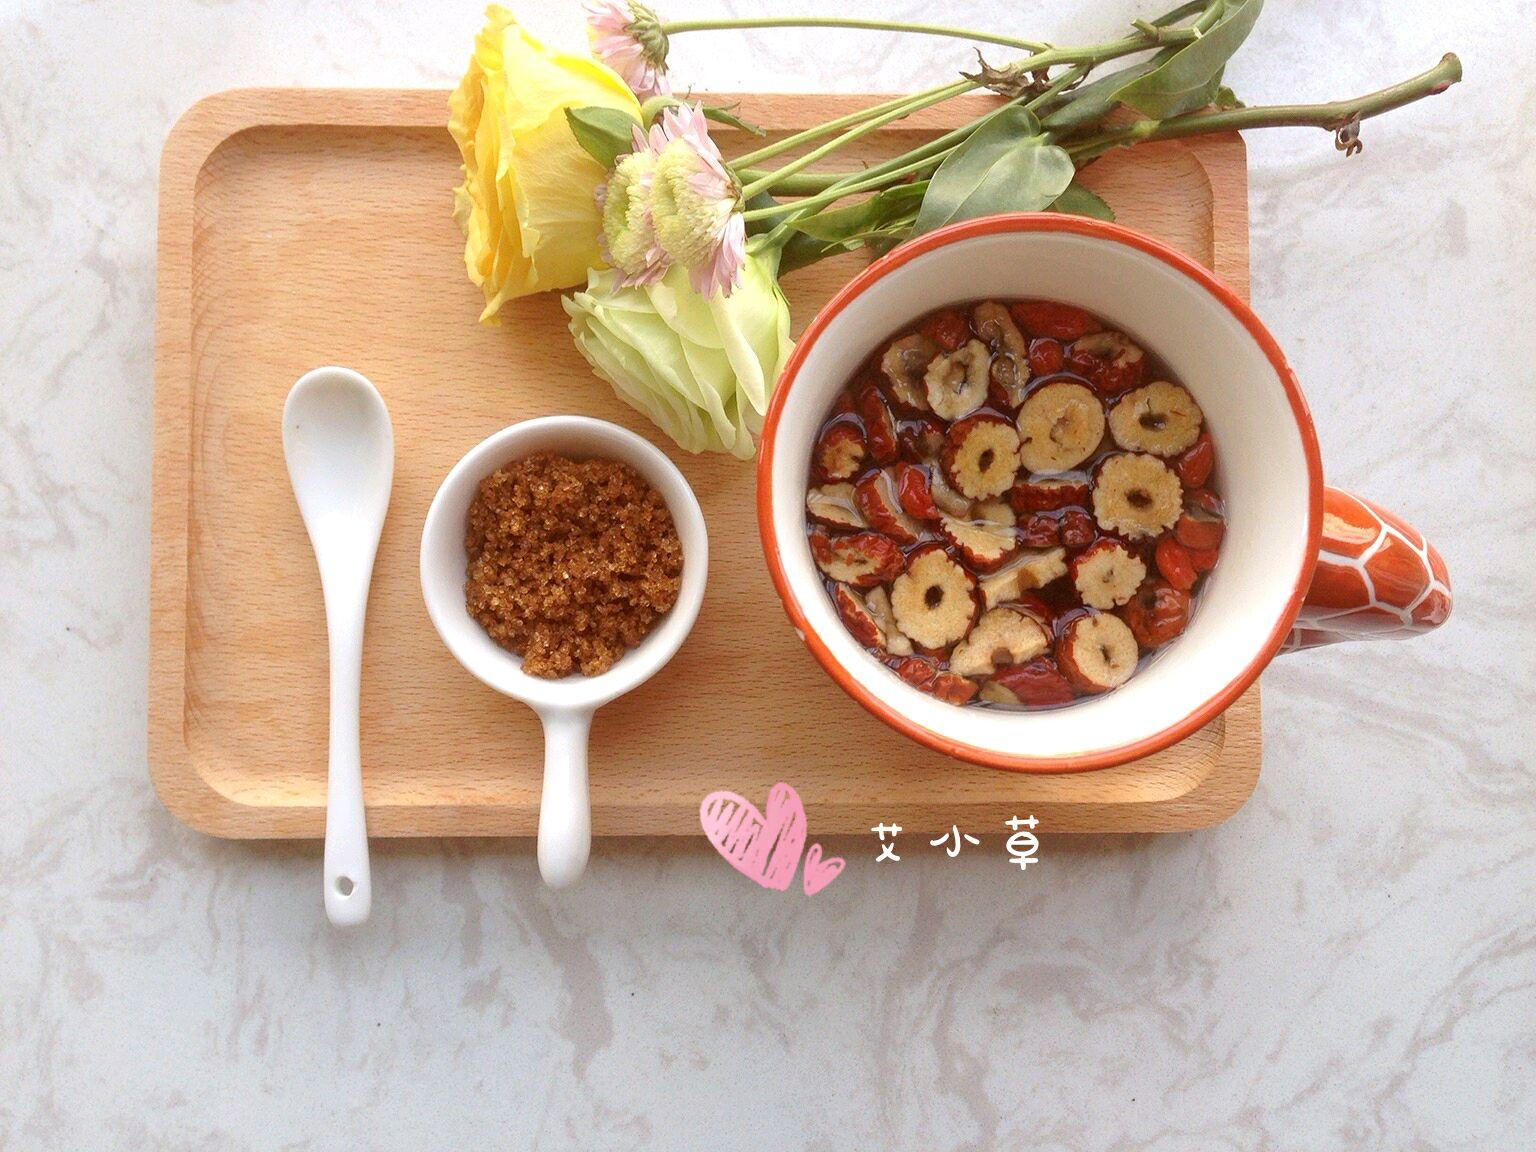 桂圆红枣枸杞养身茶